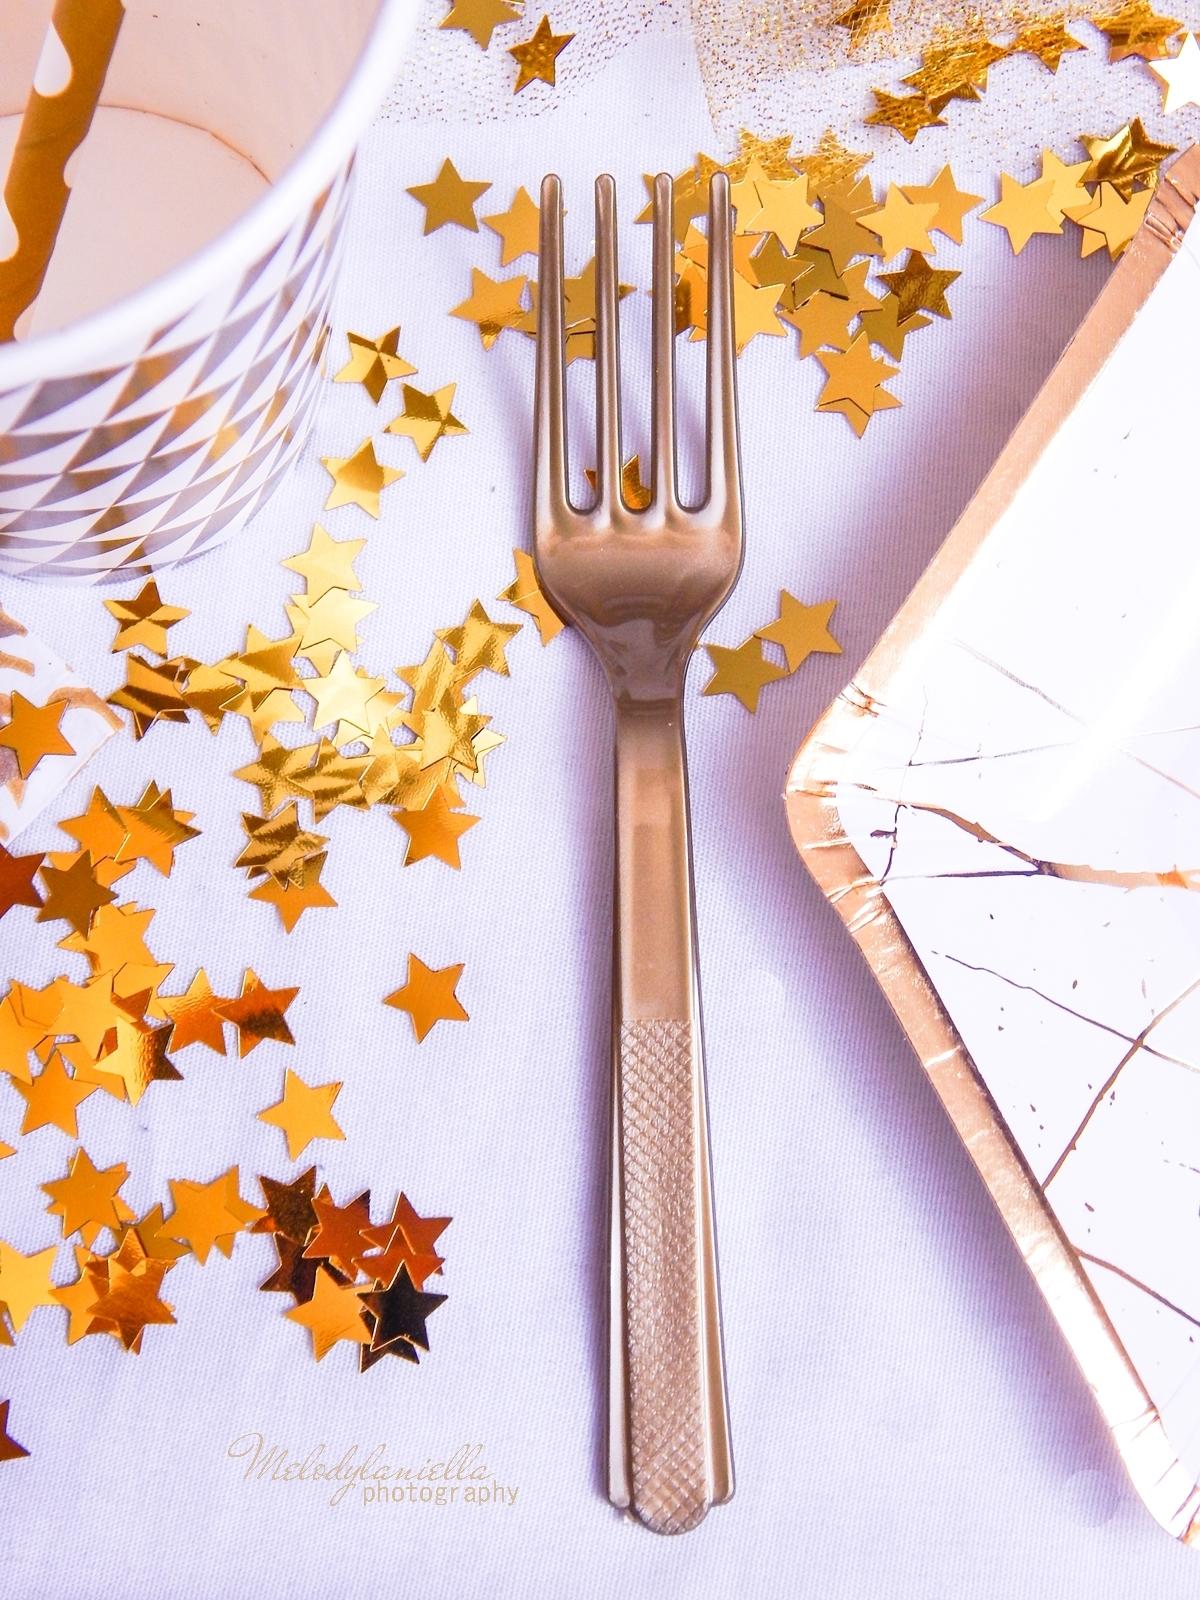 12 jak udekorować stół na imprezę dekoracja stołu karnawałowego świątecznego weselnego urodzinowego dekoracje dodatki pomysły propozycje dekoracji domu